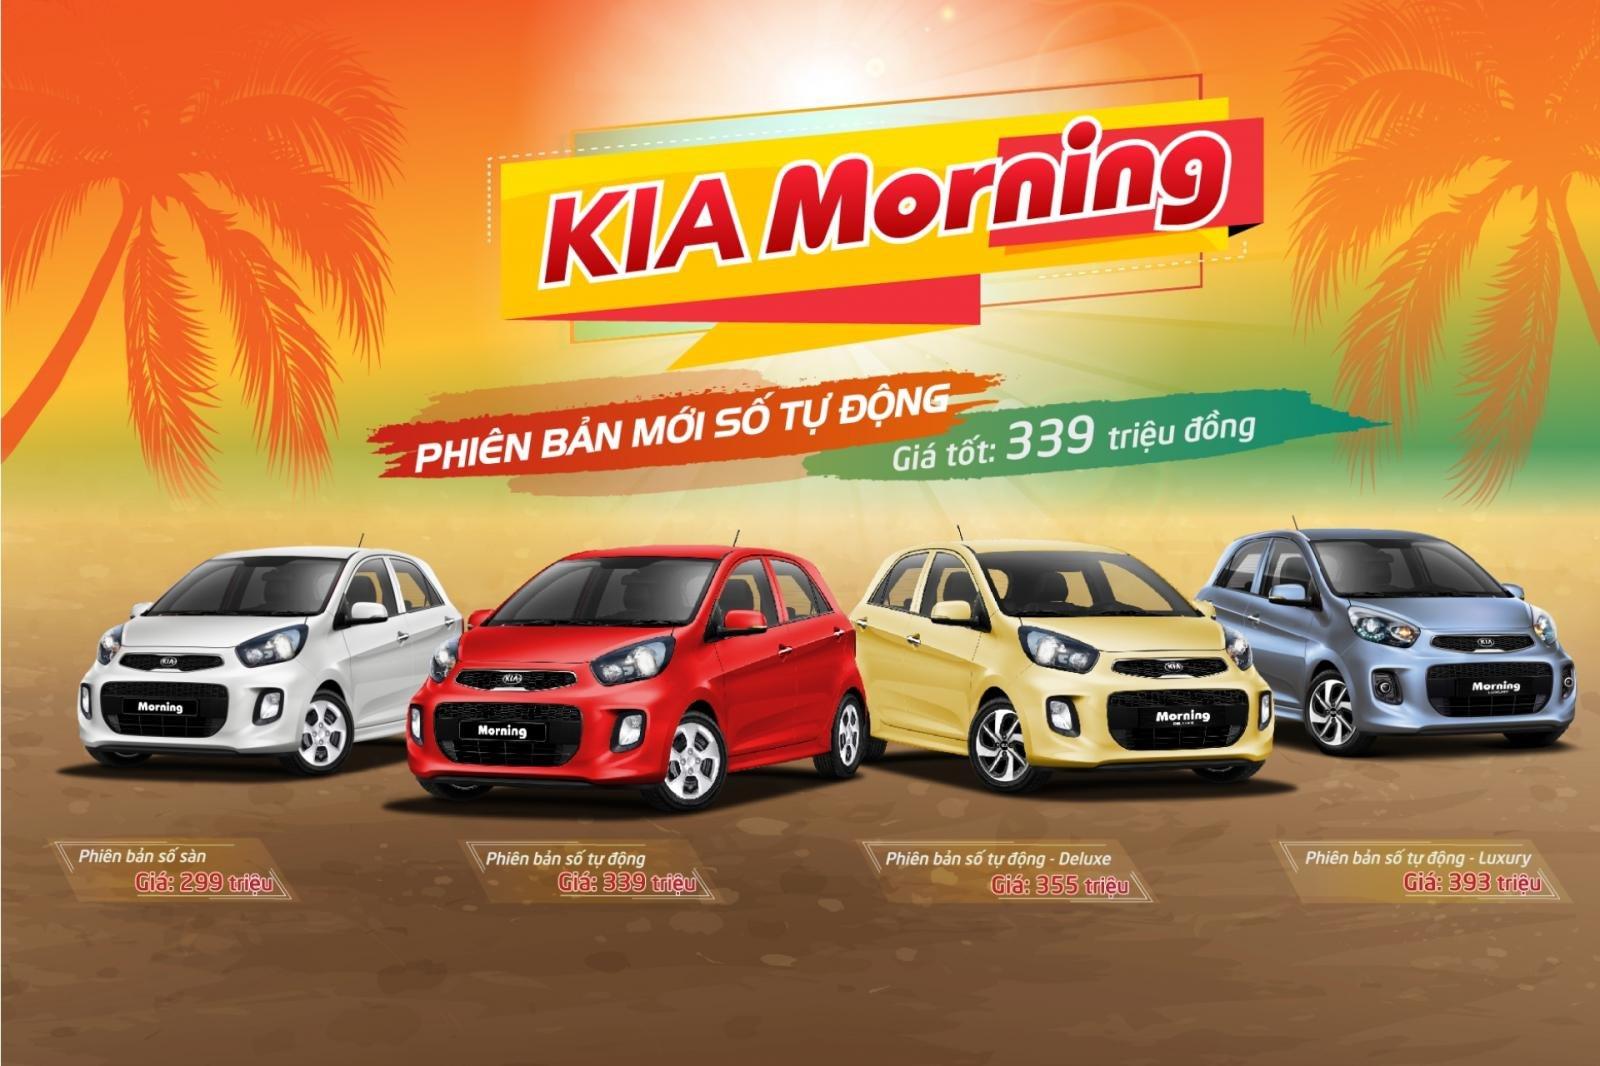 Phiên bản Kia Morning số tự động mới giá 339 triệu đồng ra mắt.